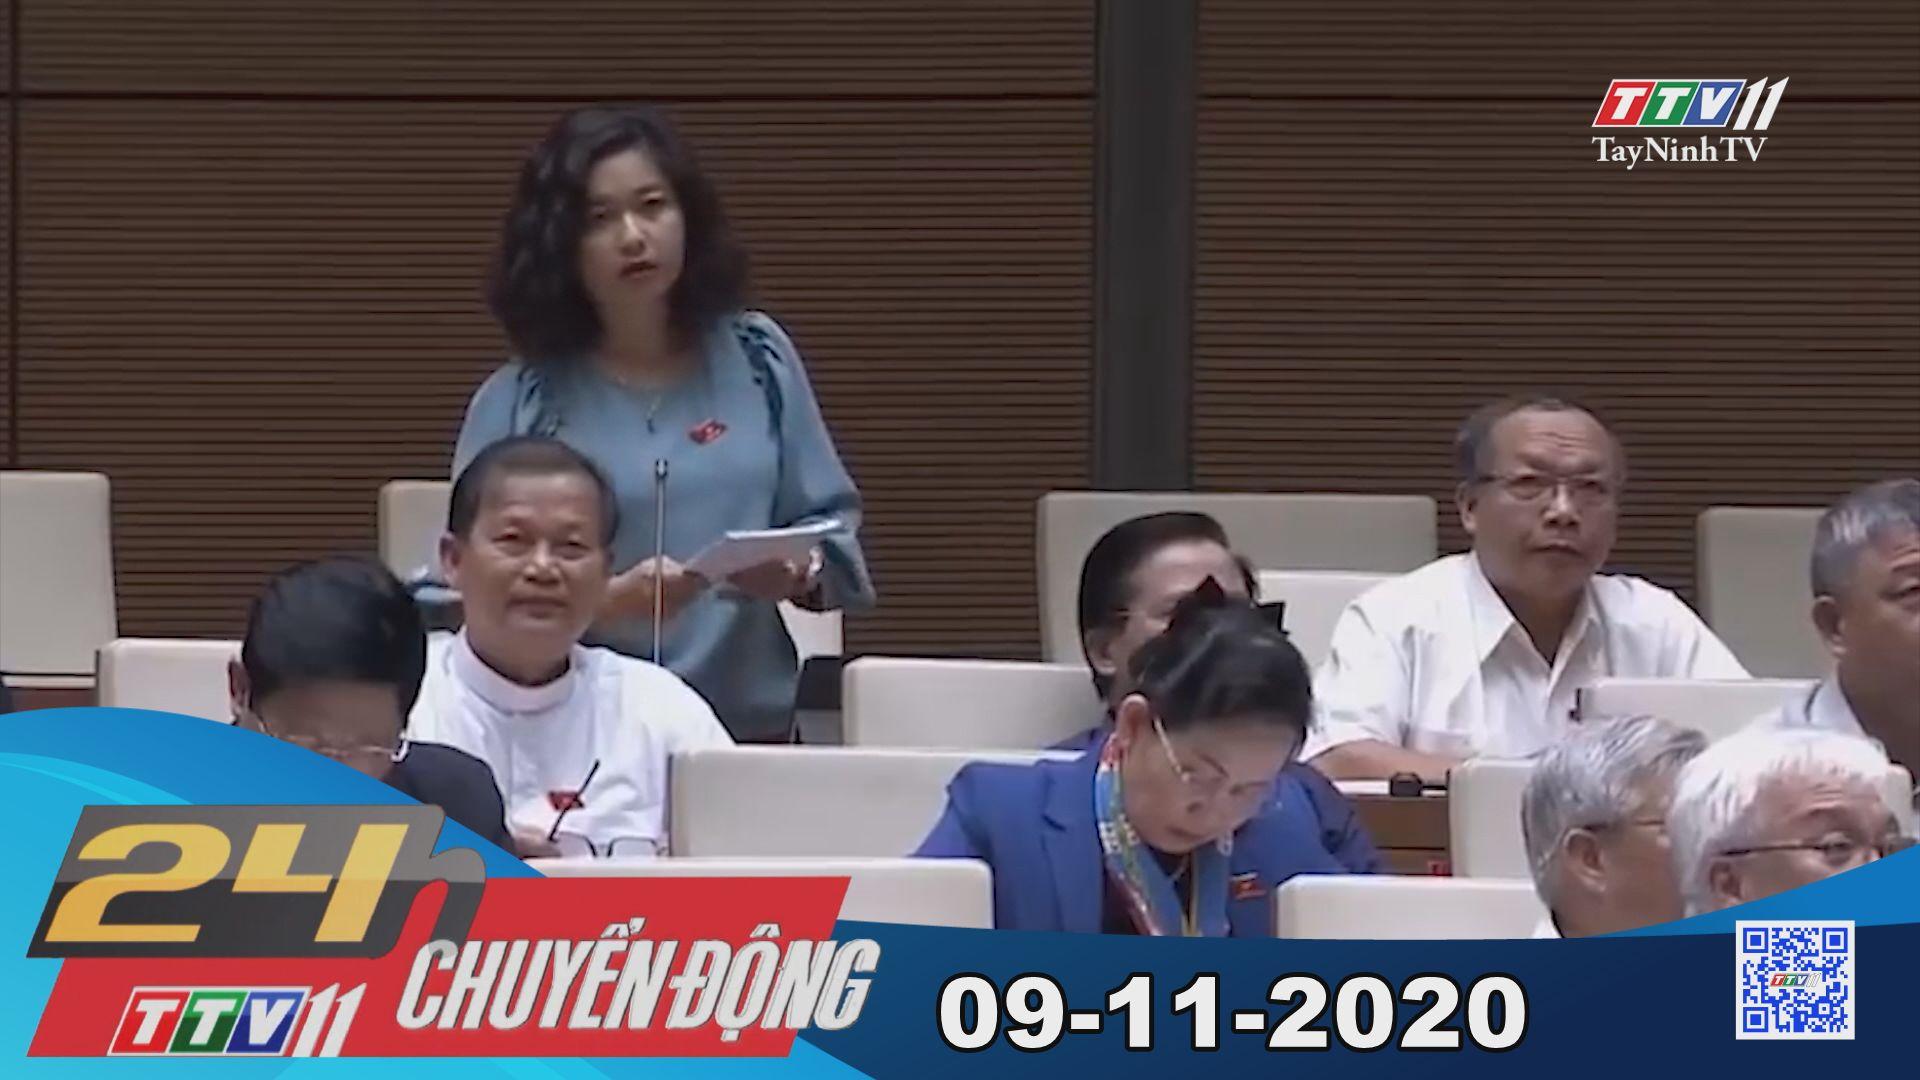 24h Chuyển động 09-11-2020 | Tin tức hôm nay | TayNinhTV